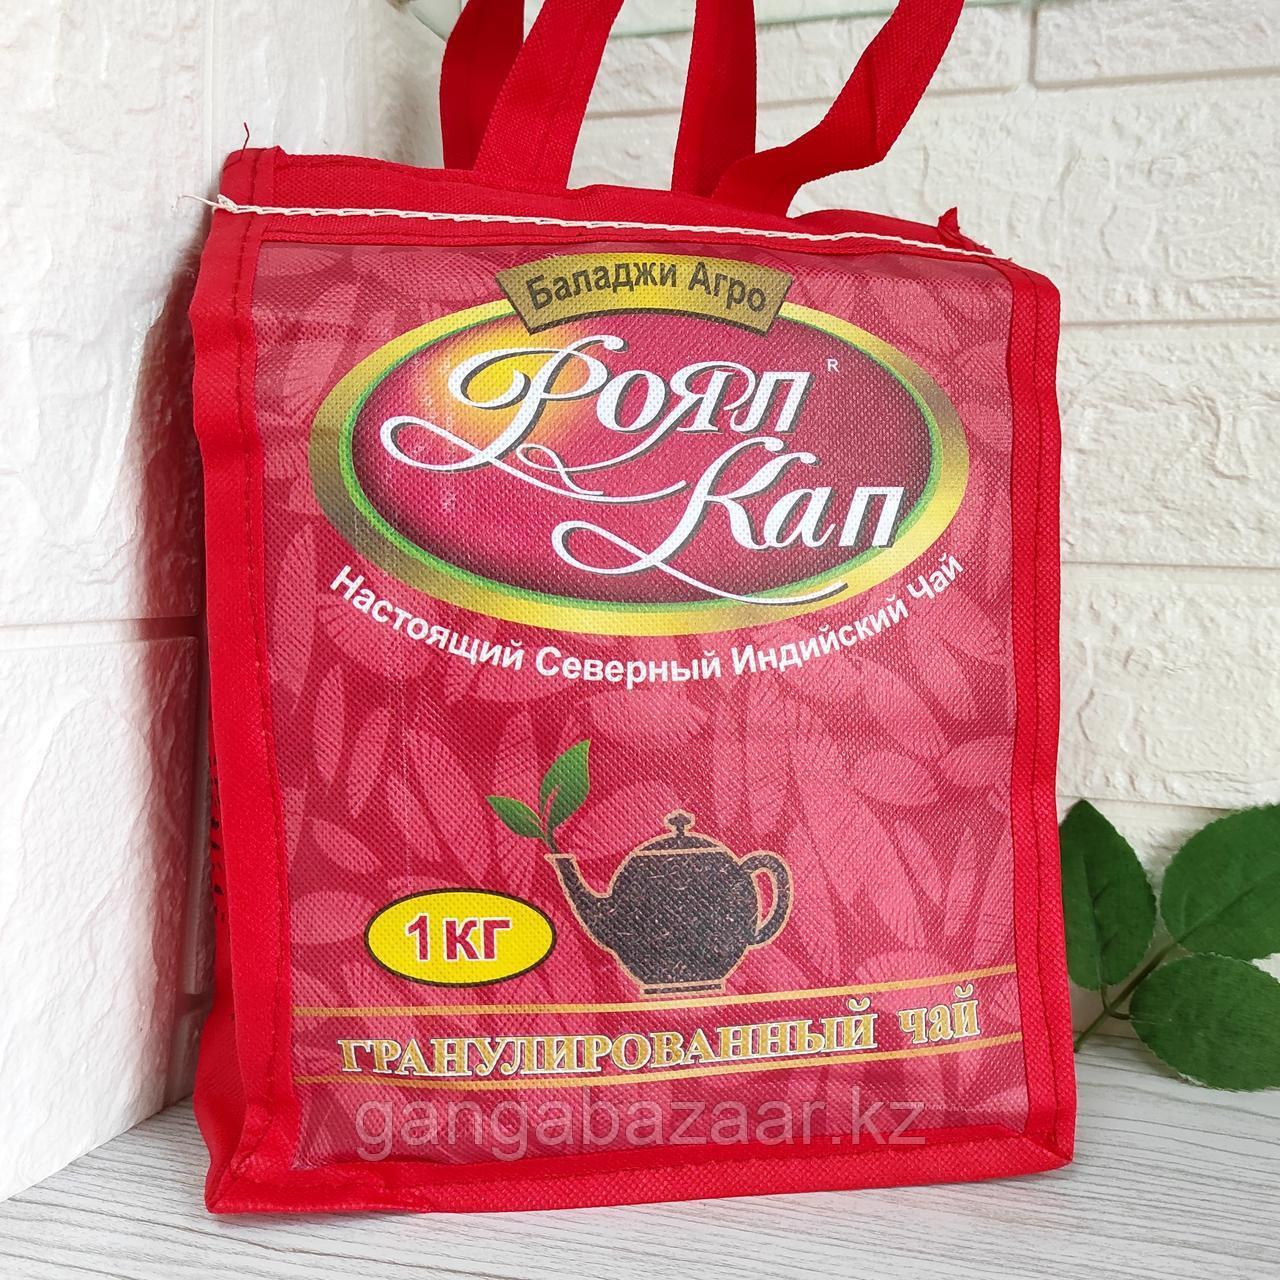 Роял Кап индийский гранулированный черный чай, 1 кг